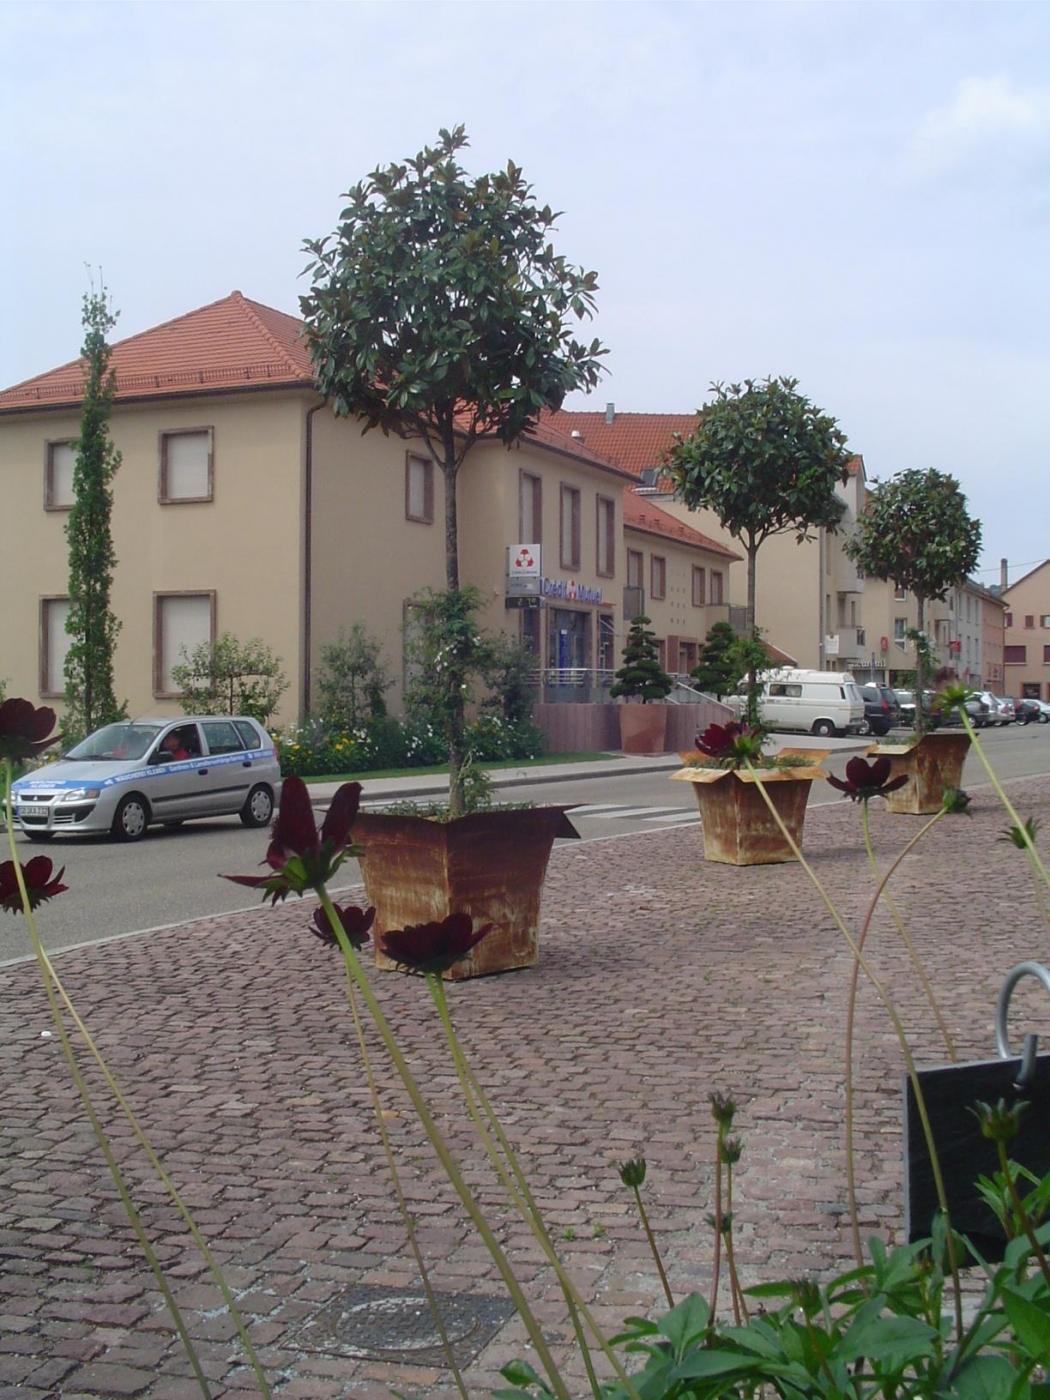 Jury europeen 2006 061 jardin de cleone